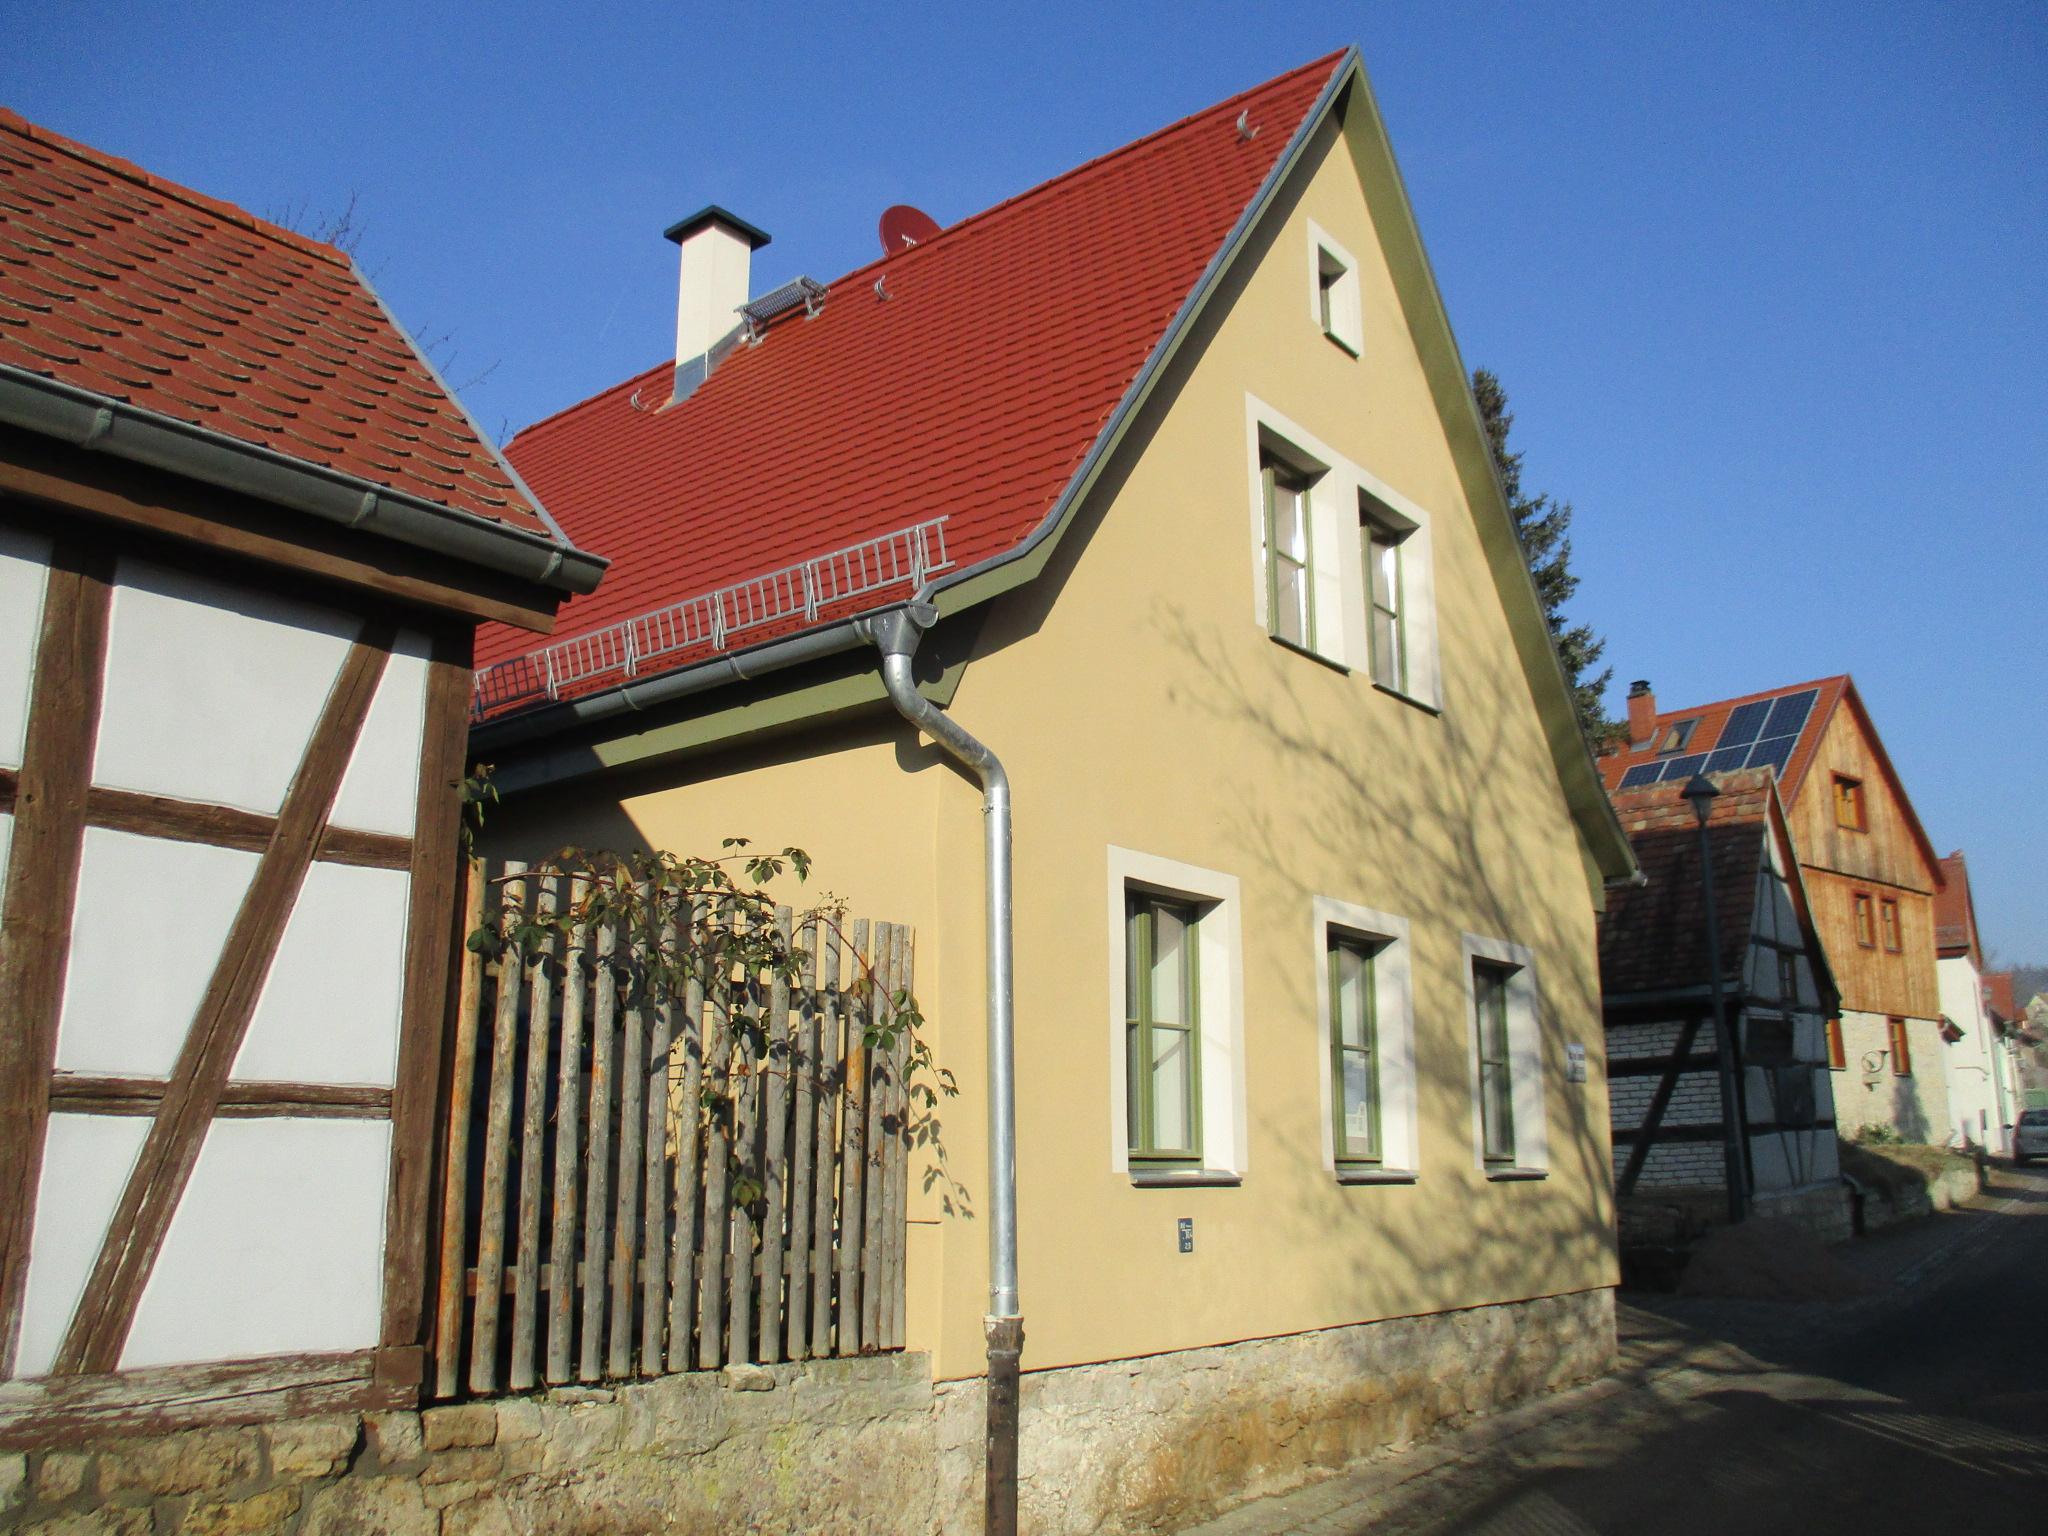 Gemeindehaus Oettern (RAG Weimarer Land - Mittelthüringen e.V.)